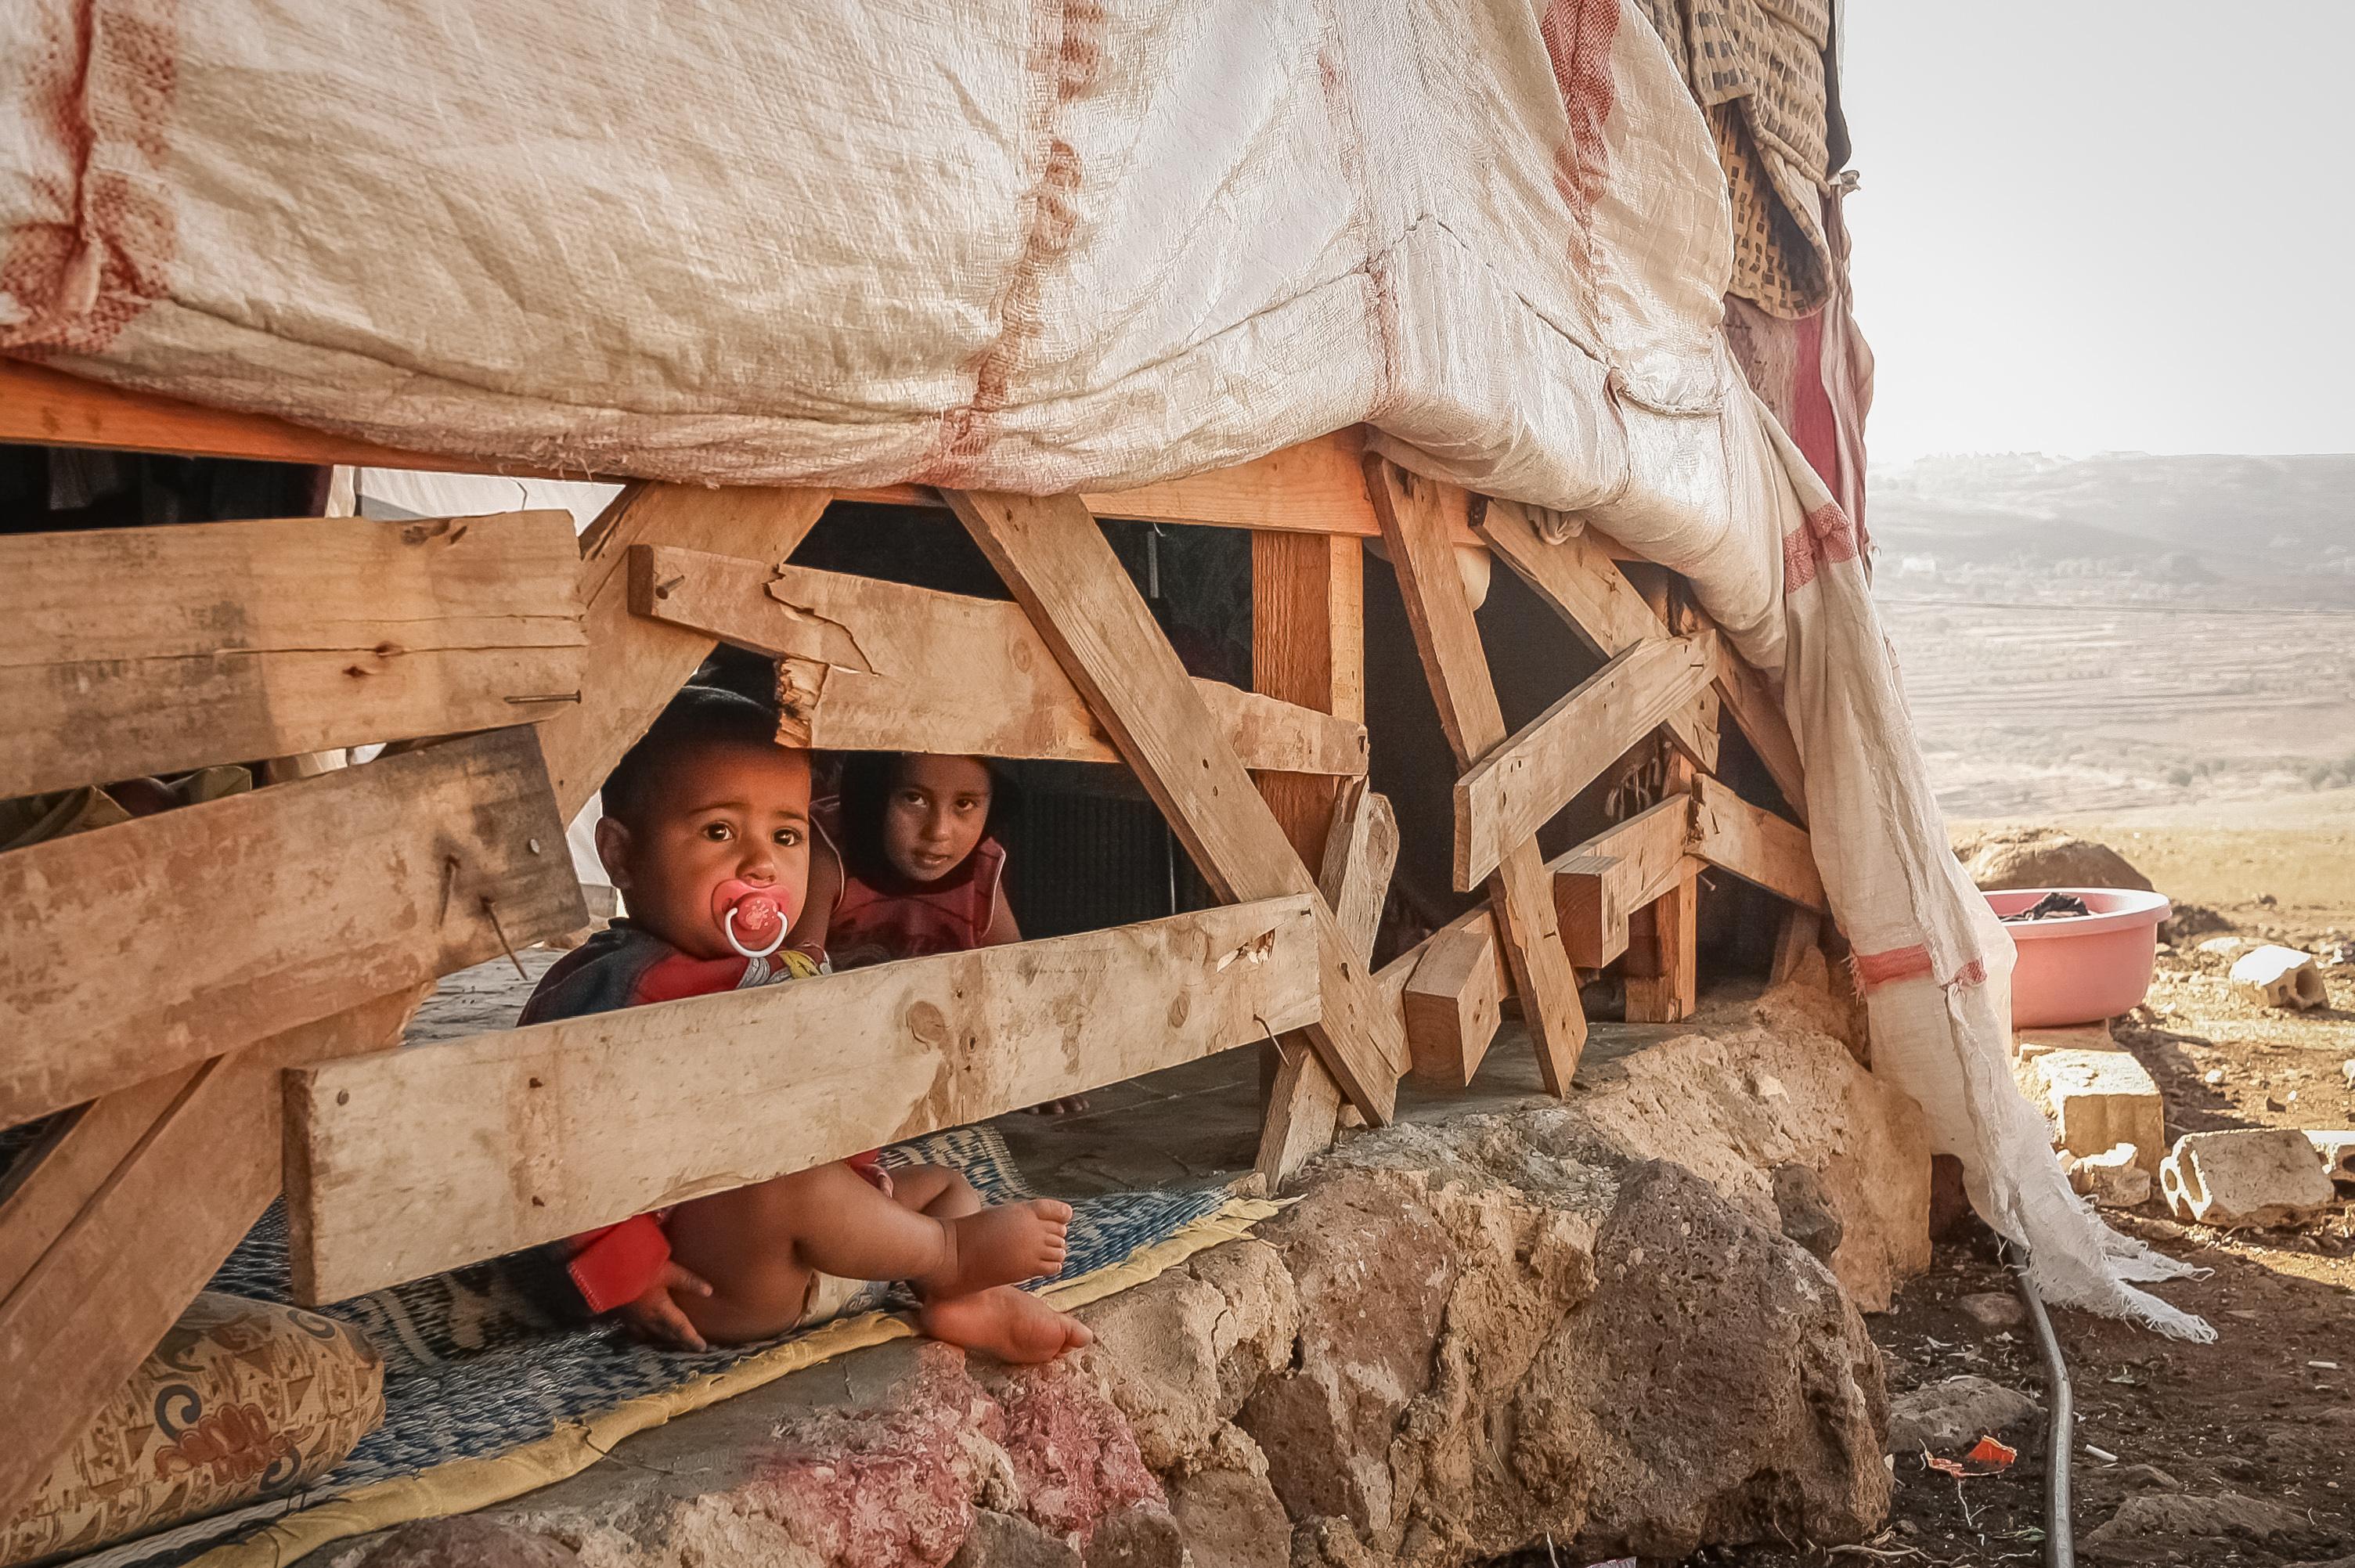 children of Syrian refugees in Lebanon